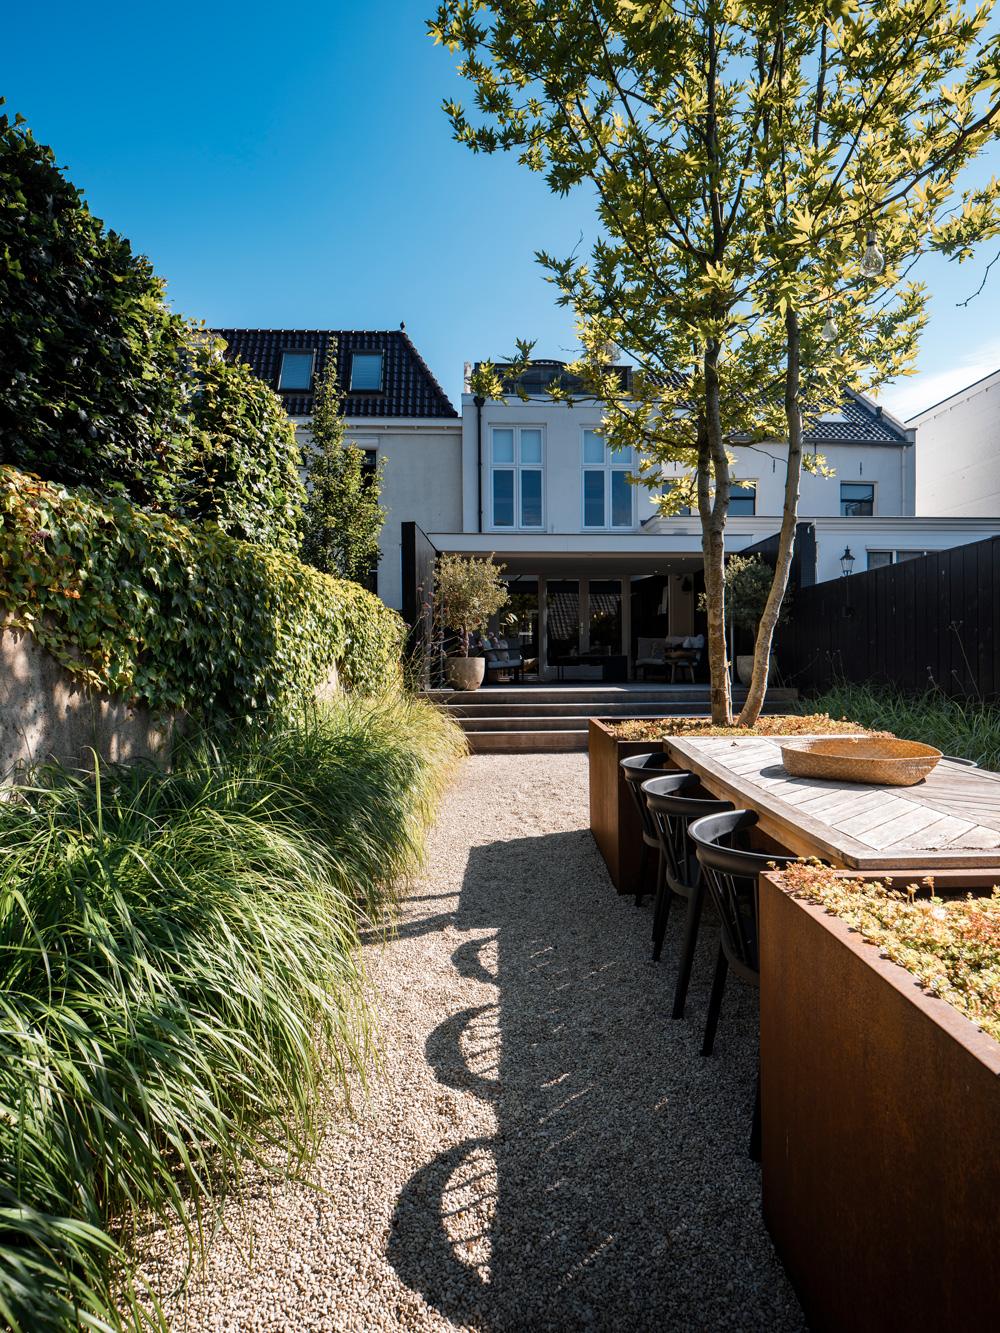 Molengraaf-tuinen-poort-gebouw-zevenbergen-ontwerp-realisatie-2